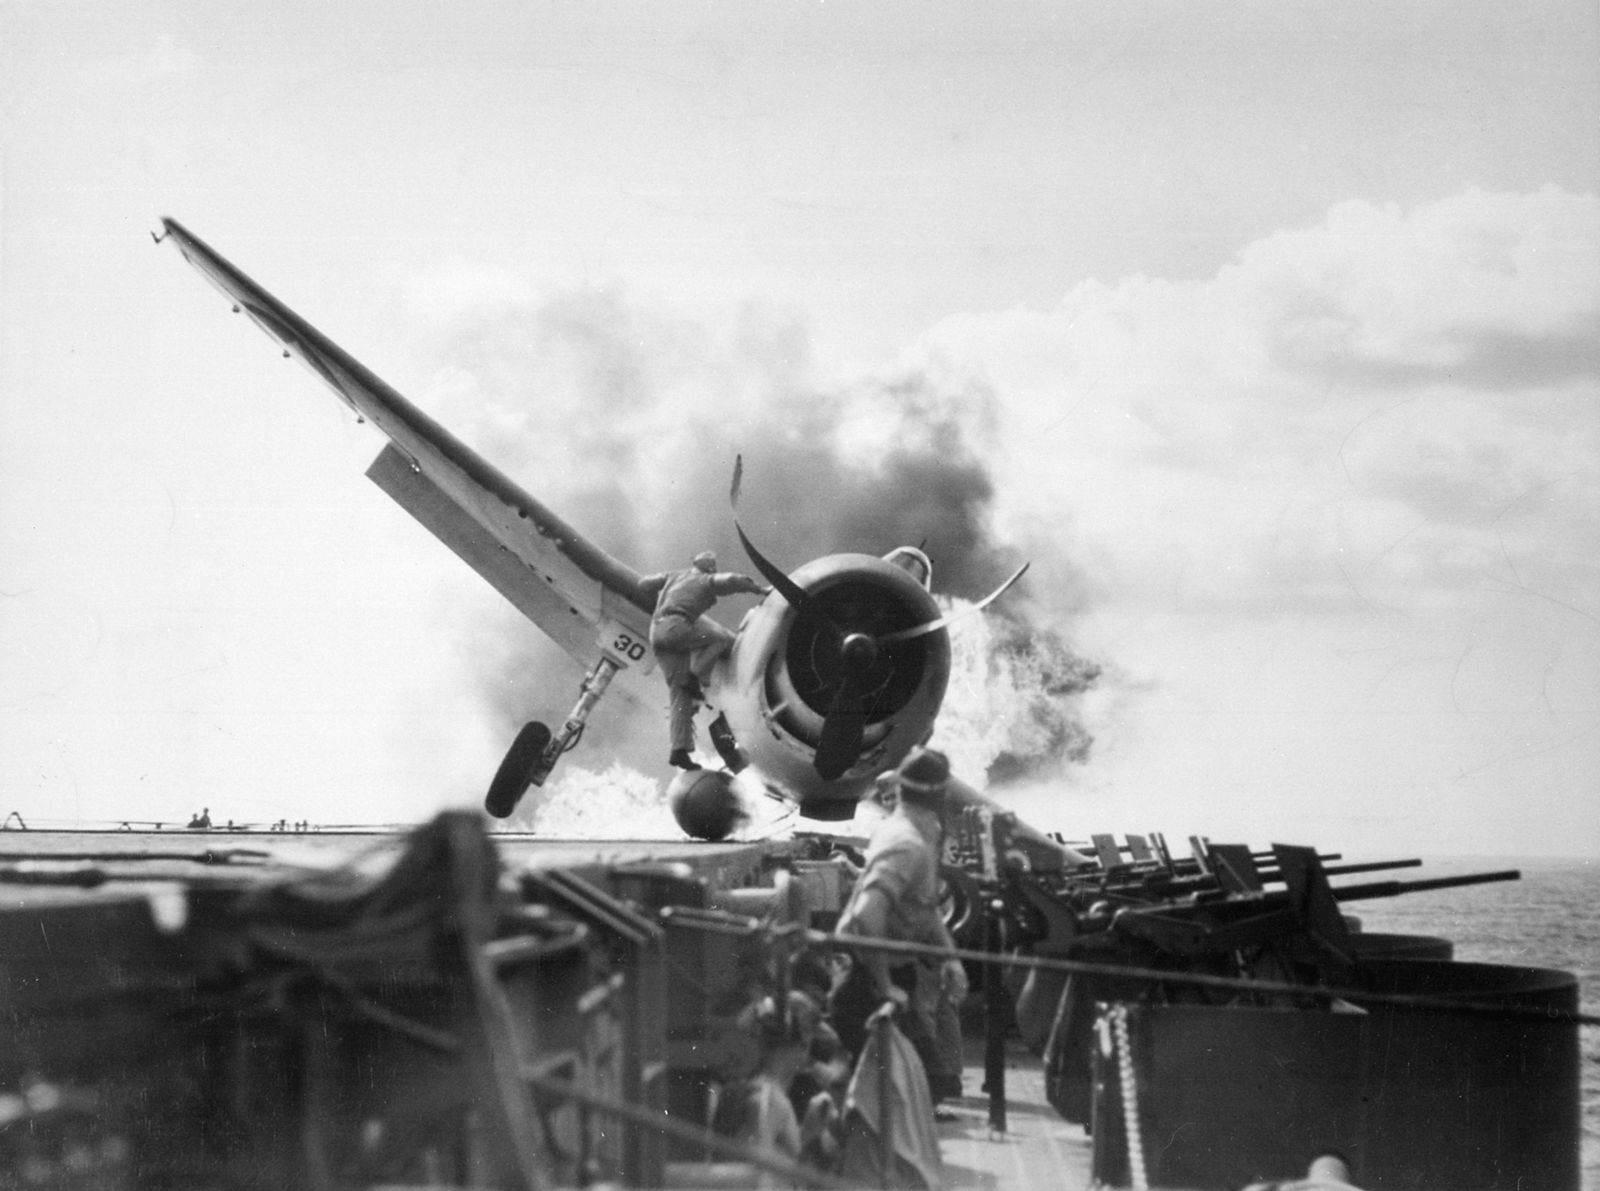 EnterpriseBurningHellcat - Un F6F-3 en feu sur le USS Enterprise le 10 novembre 1943. Le Lt. Walter L. Chewning, Jr monte sur l'avion pour aider le pilote à sortir de son avion en feu. Il s'en tirera sans grande blessure